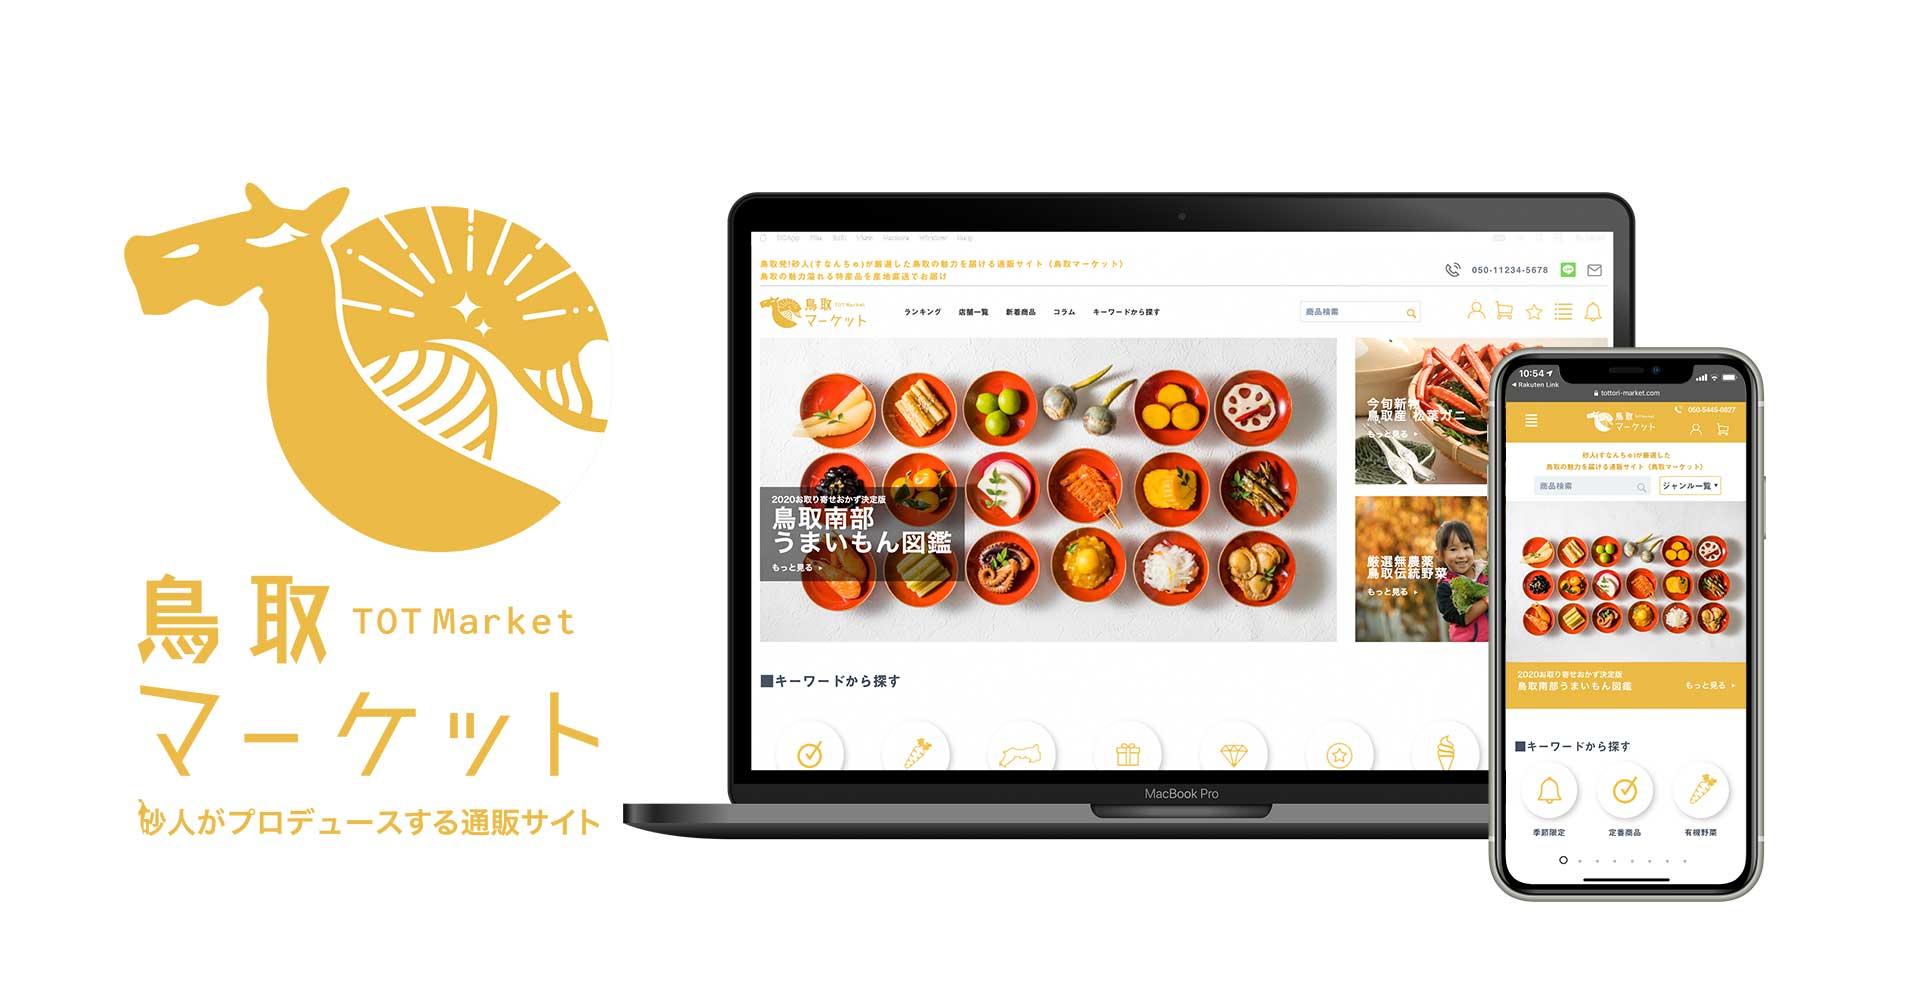 地域のD2C支援事業「鳥取マーケット」がβ版から機能アップデートし、正式リリース。同時に掲載事業者の一般募集開始